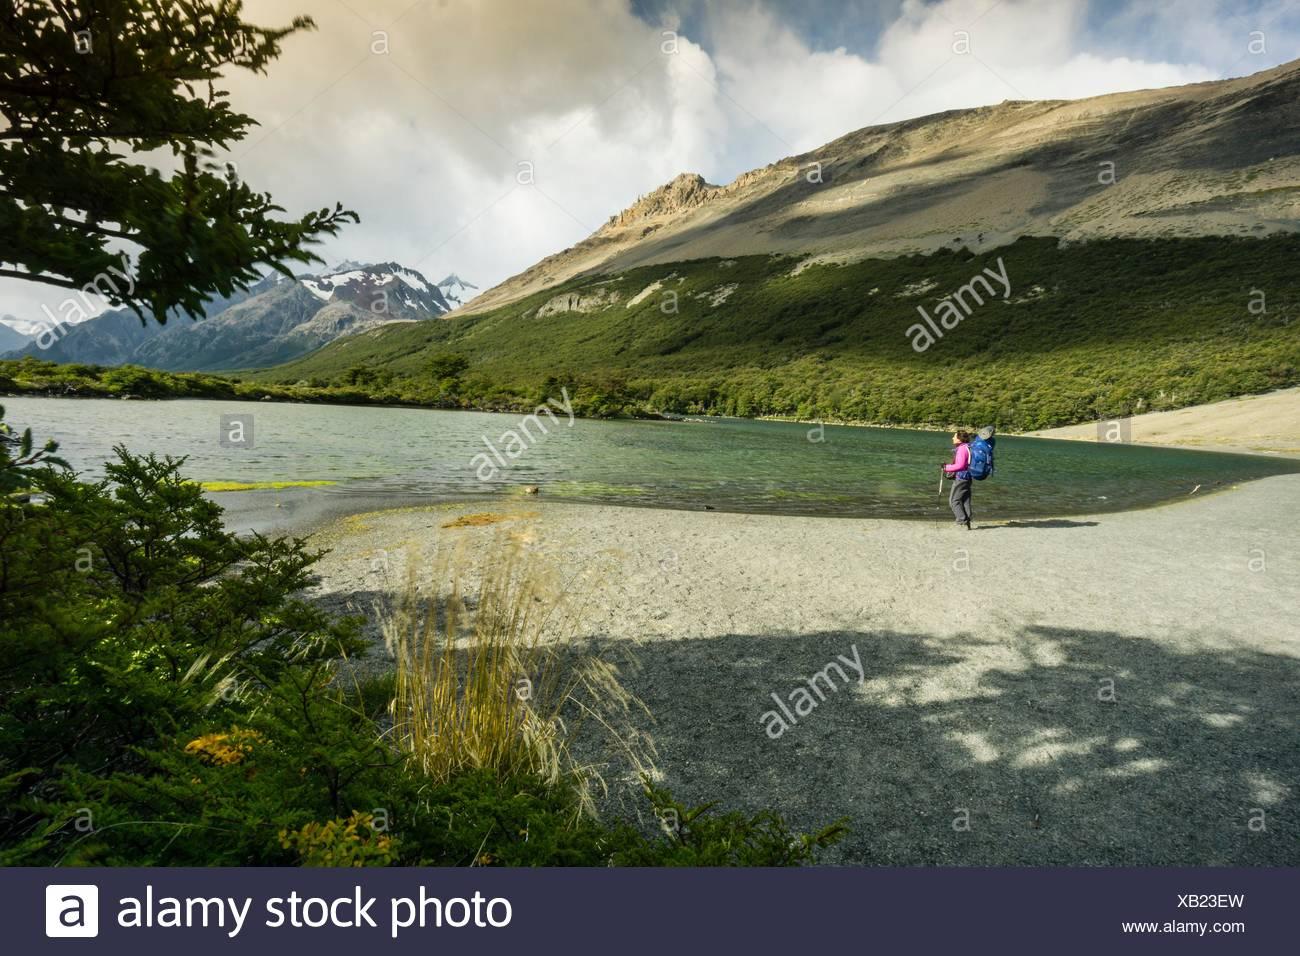 Senda de las lagunas Madre e hija, el parque nacional Los Glaciares, Republica Argentina, Patagonia, cono sur, América del Sur. Imagen De Stock